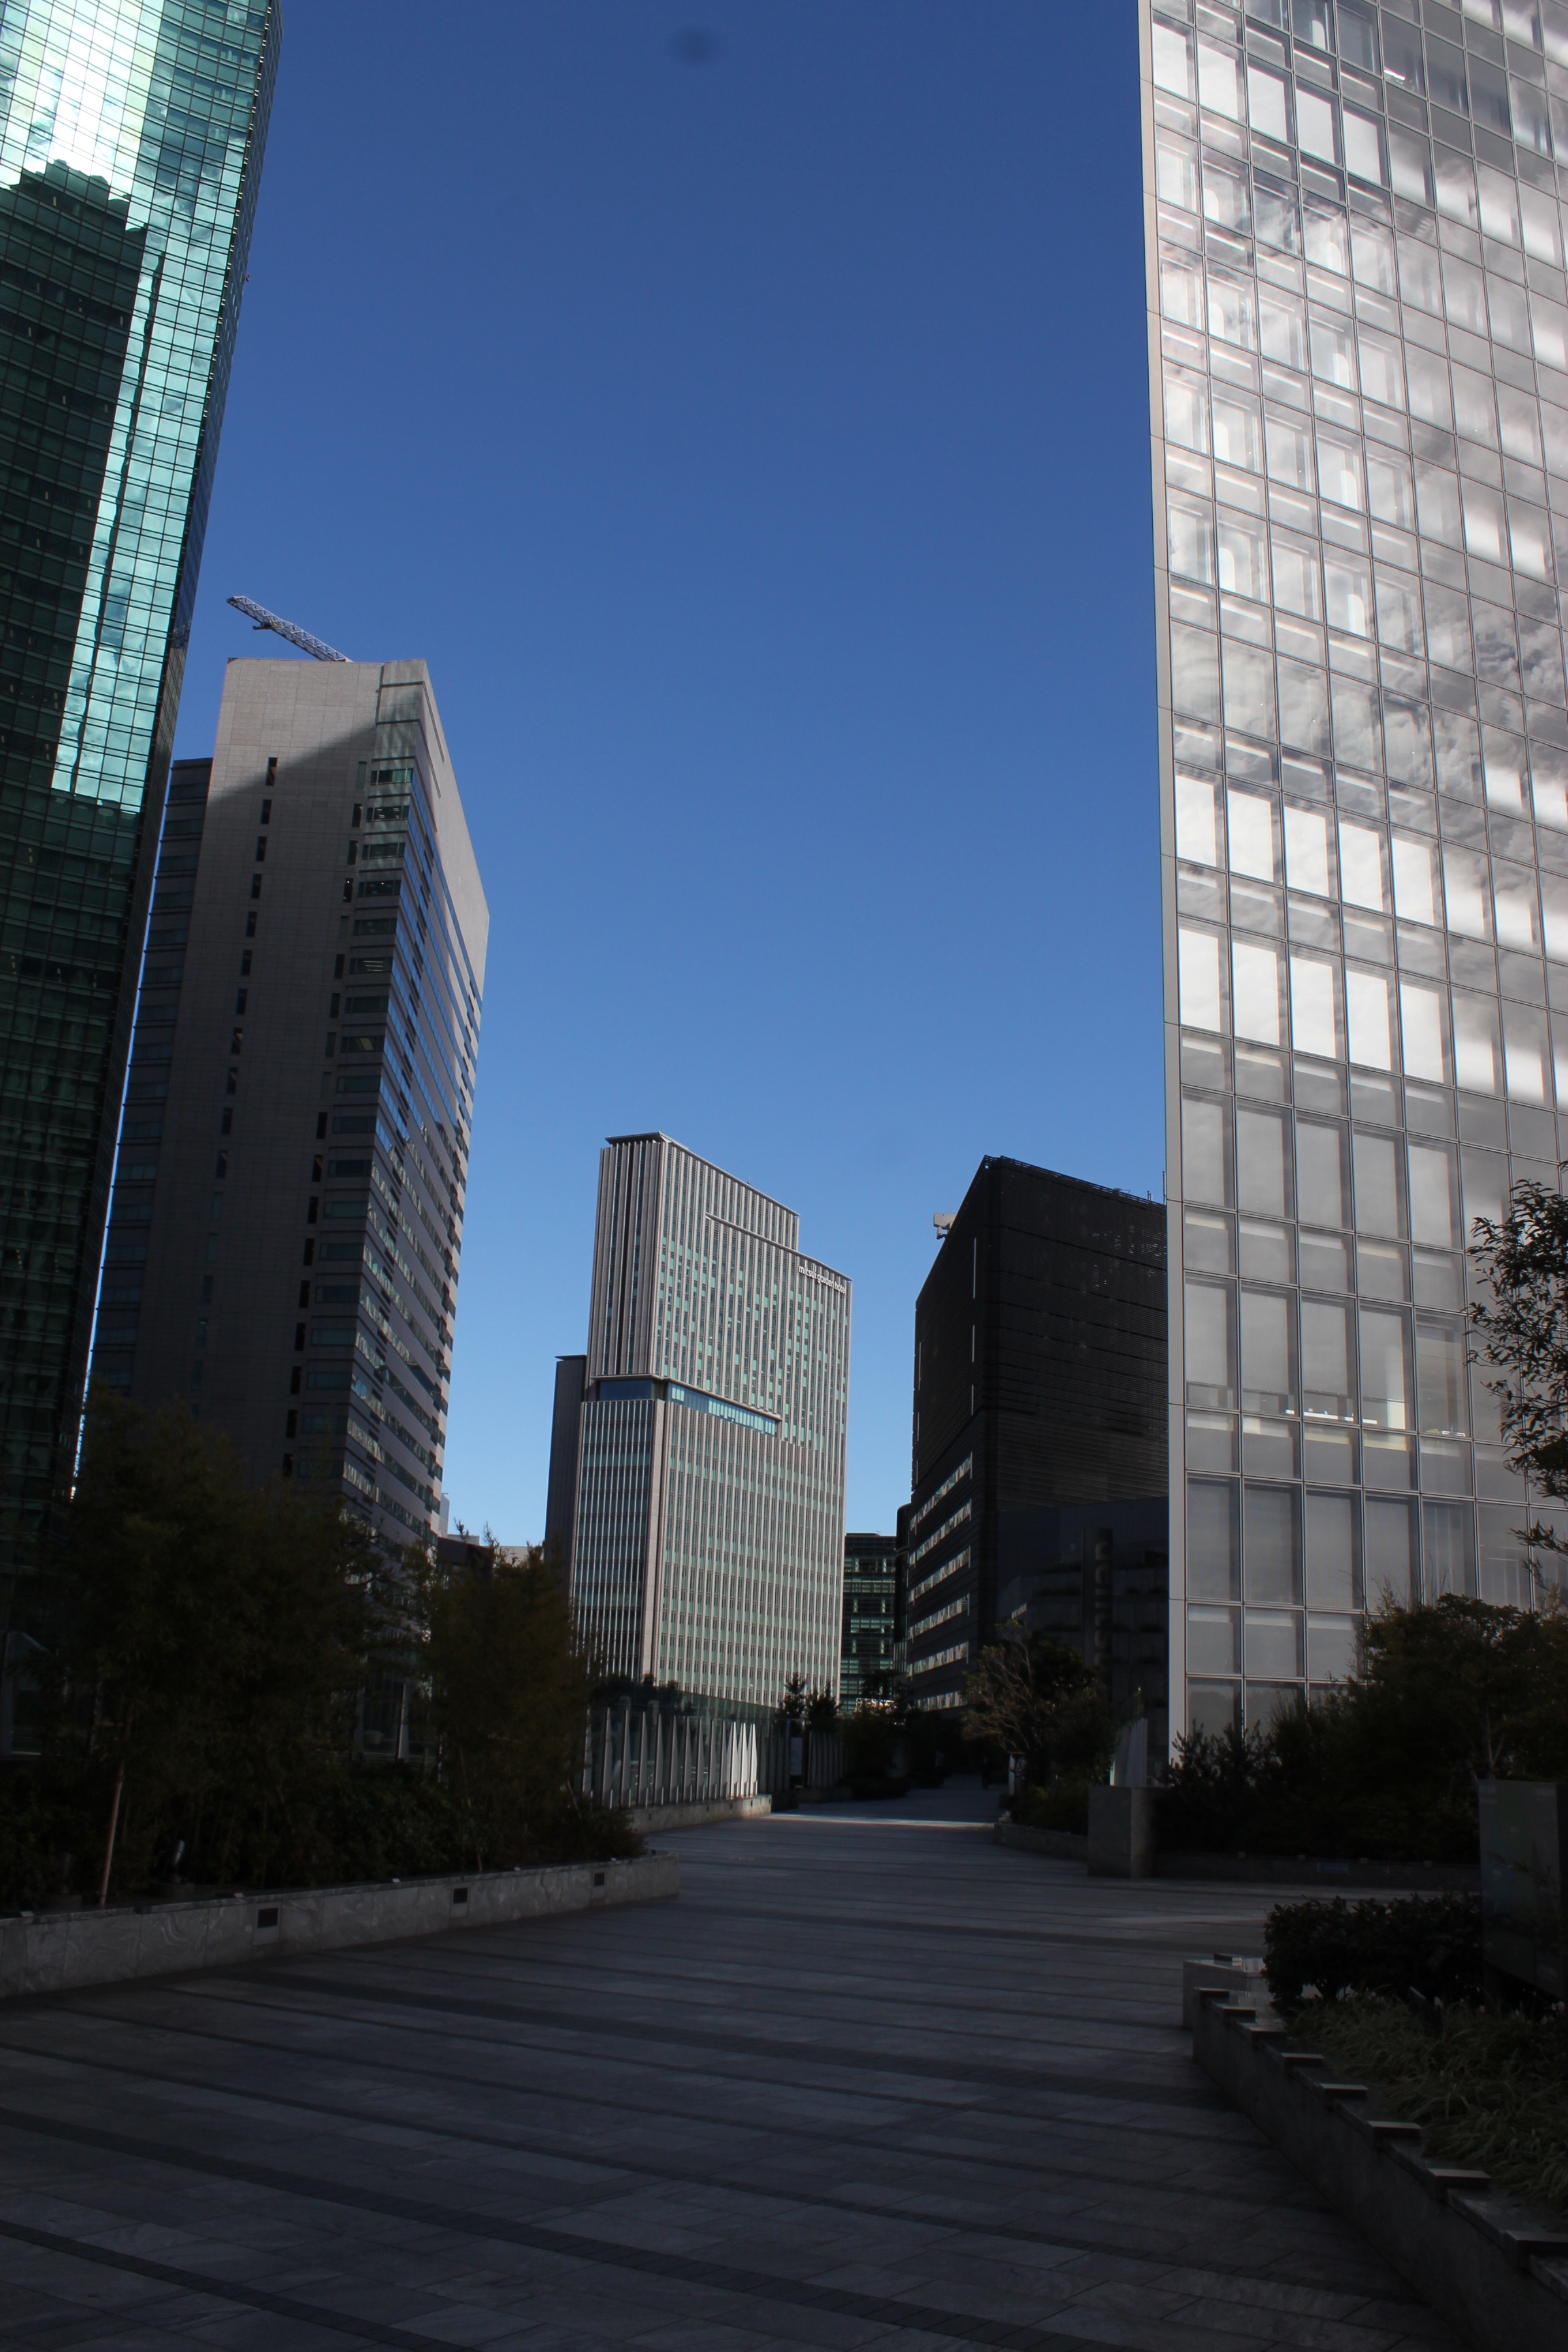 築地周辺の超高層ビル街